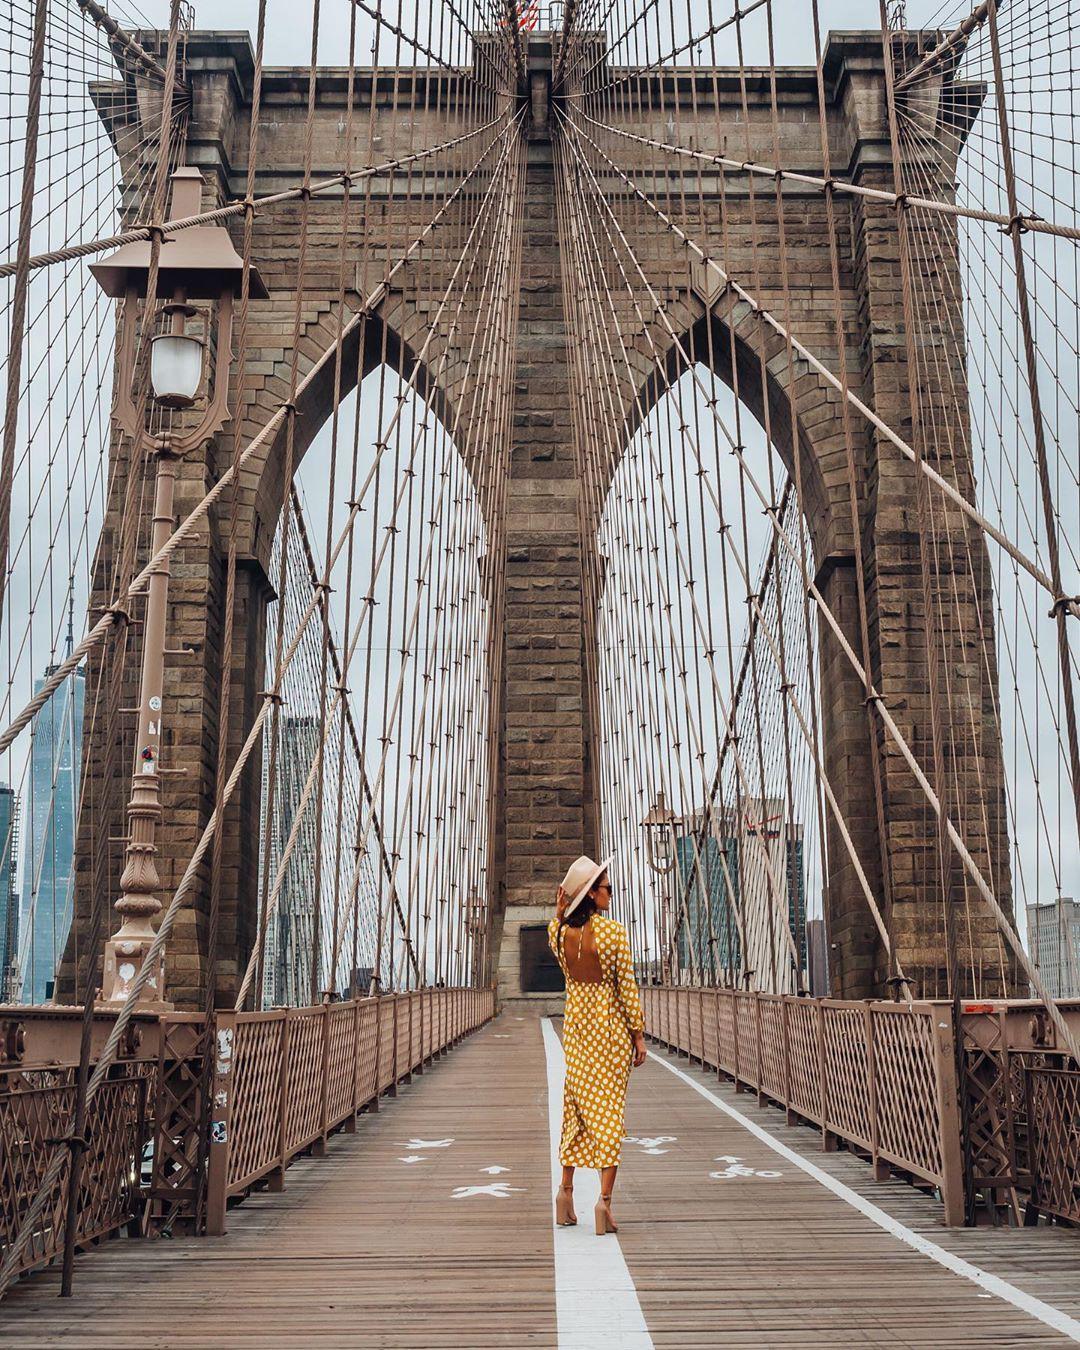 """9 điều mà ảnh trên Instagram """"nói dối"""" về thành phố New York, xem xong chỉ ước chưa từng biết sự thật cho đỡ... đau lòng - Ảnh 1."""